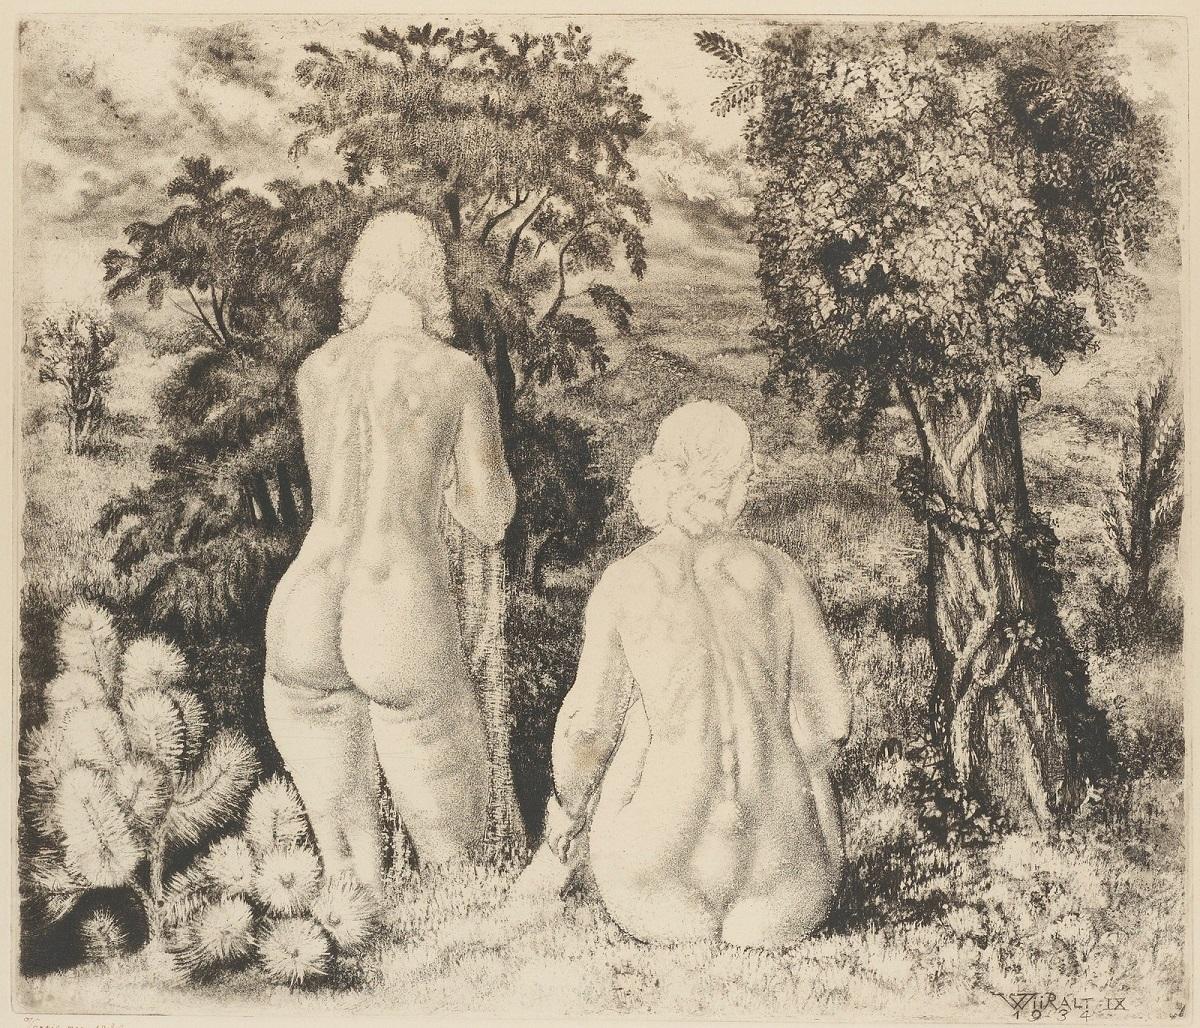 1934_Обнаженные в пейзаже (Nudes In Landscape)_35.5 x 46.5_офорт.jpg